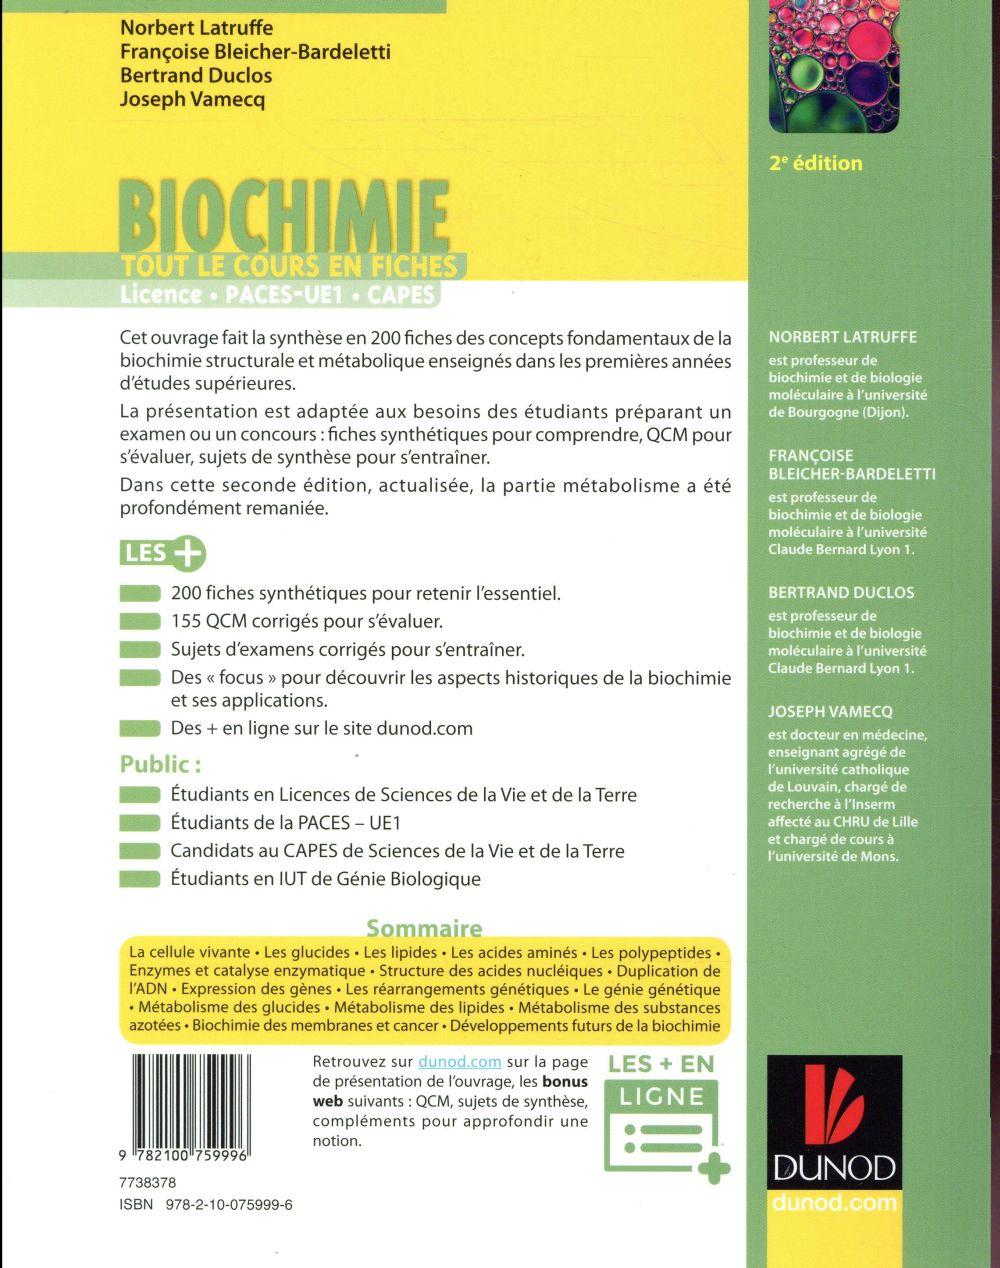 Biochimie ; tout le cours en fiches (2e édition)